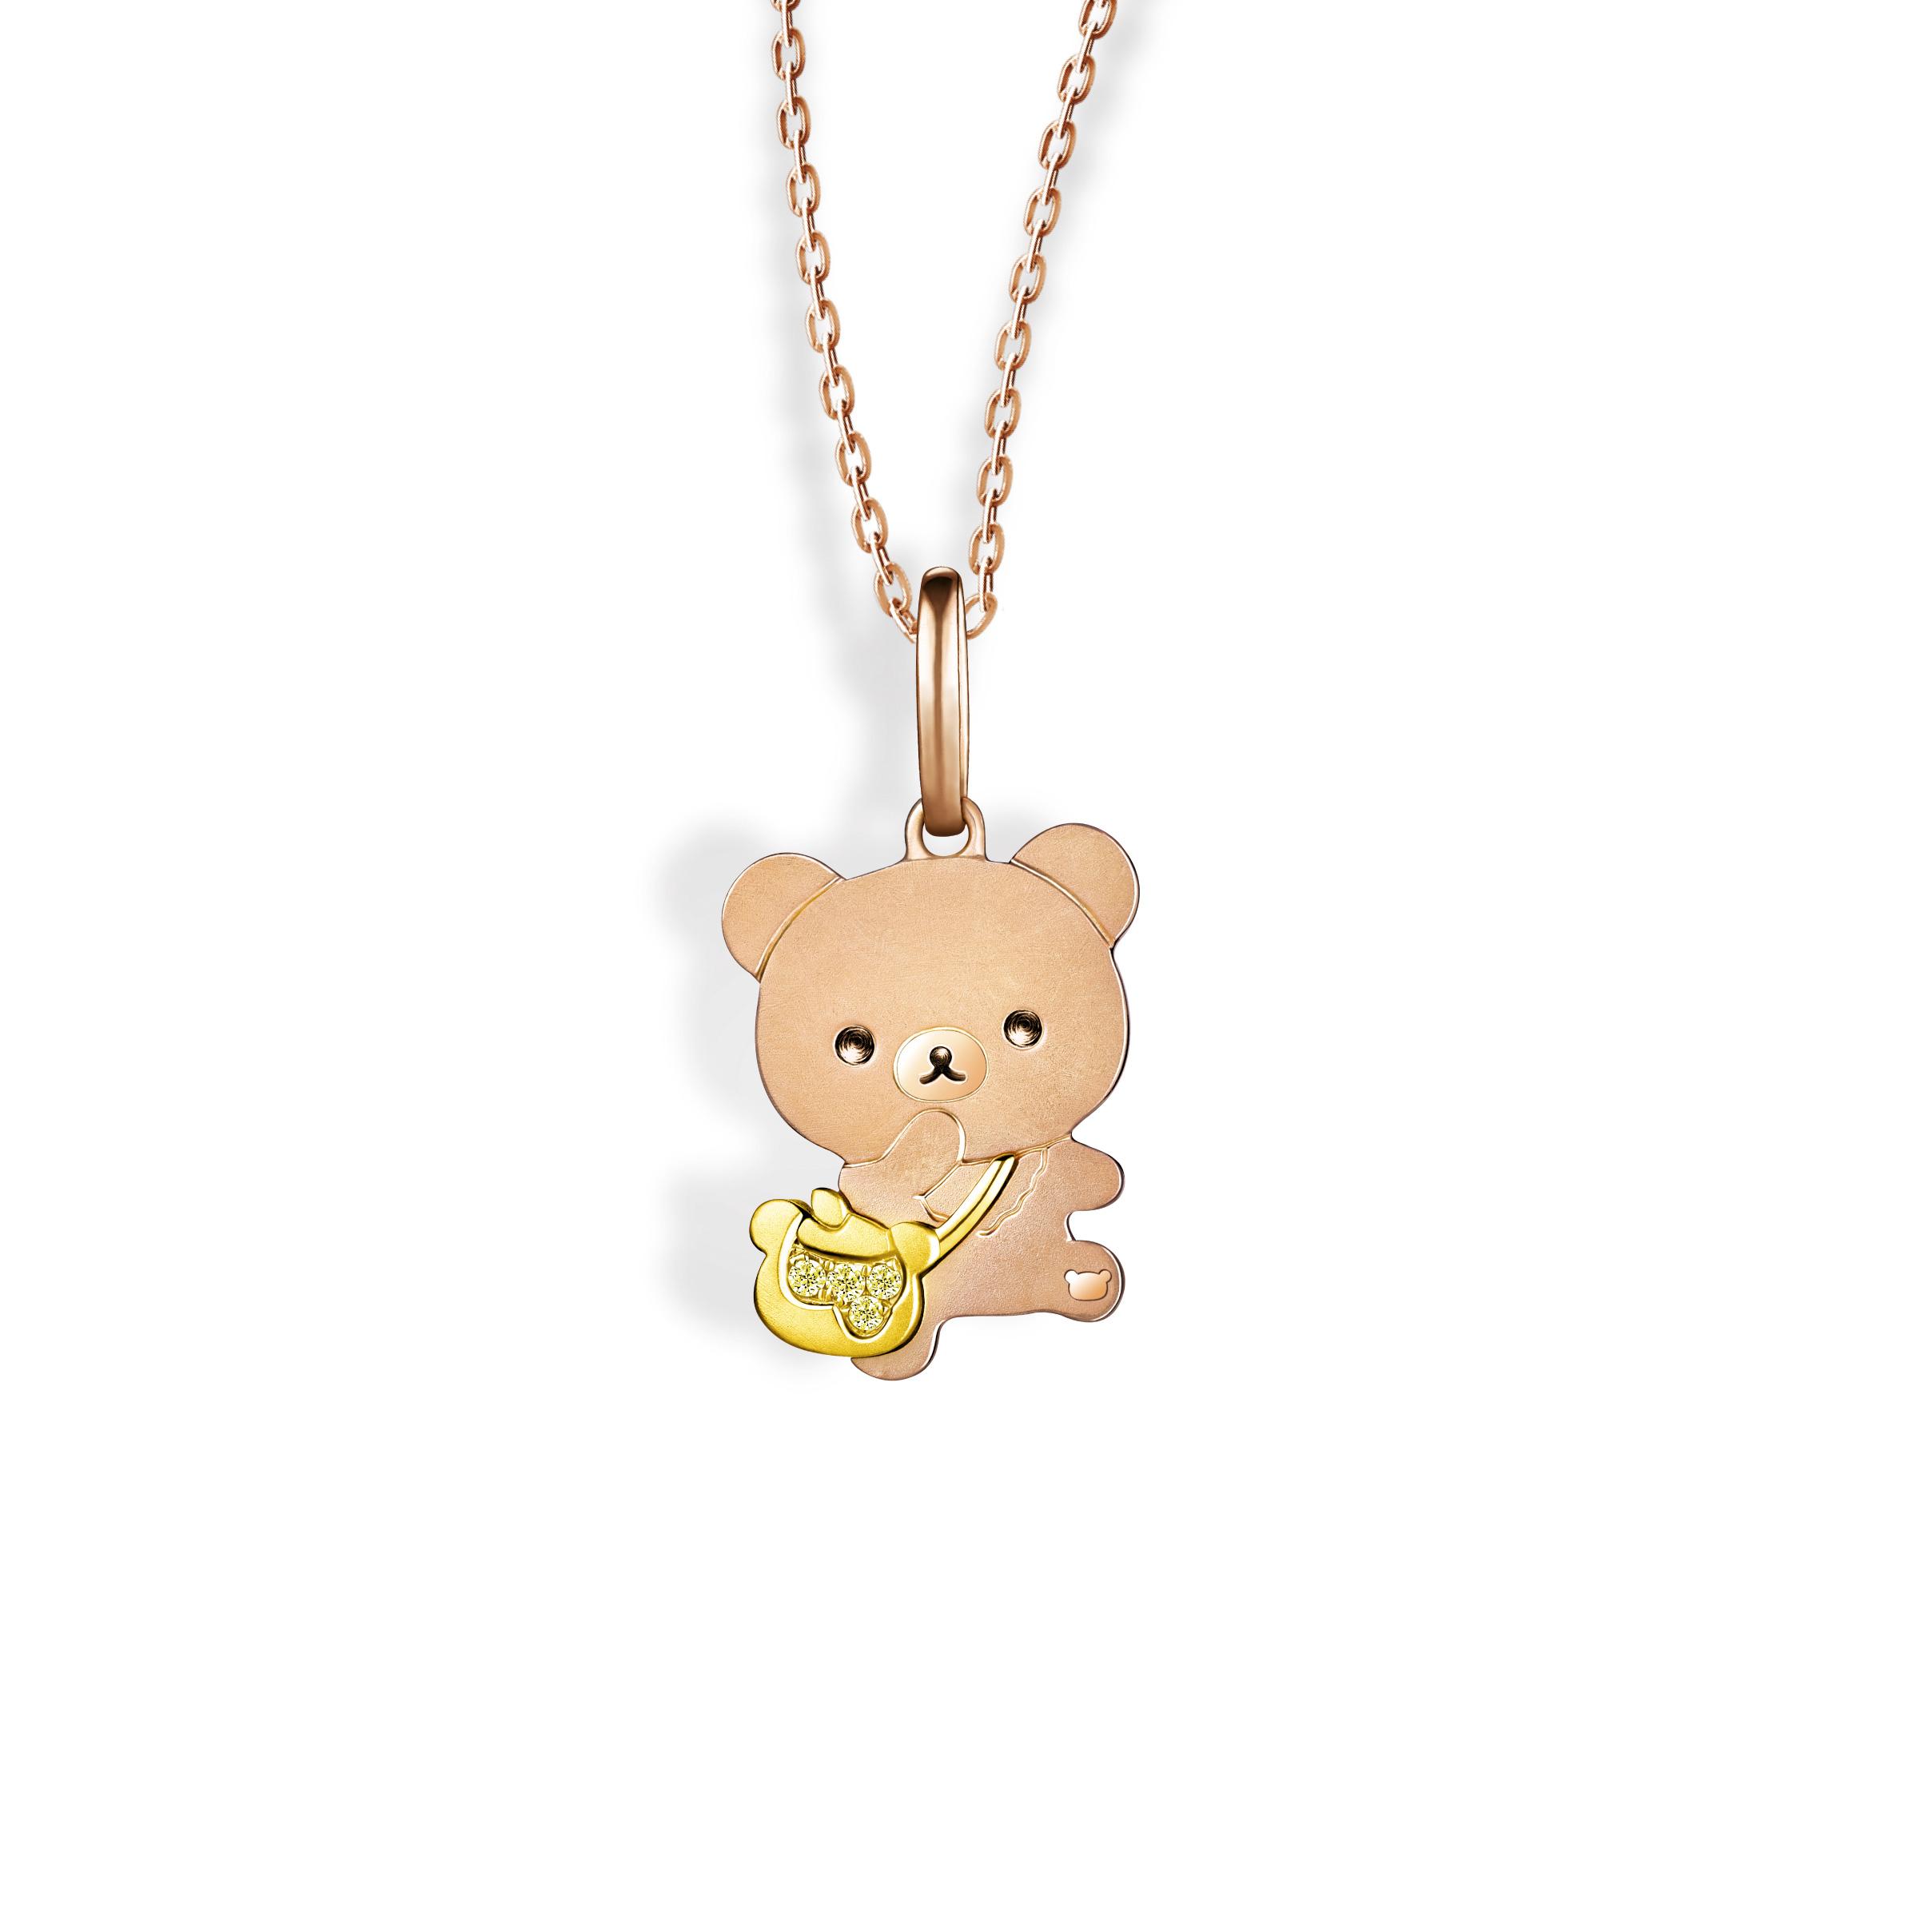 轻松小熊™系列茶小熊18K金钻石挂坠